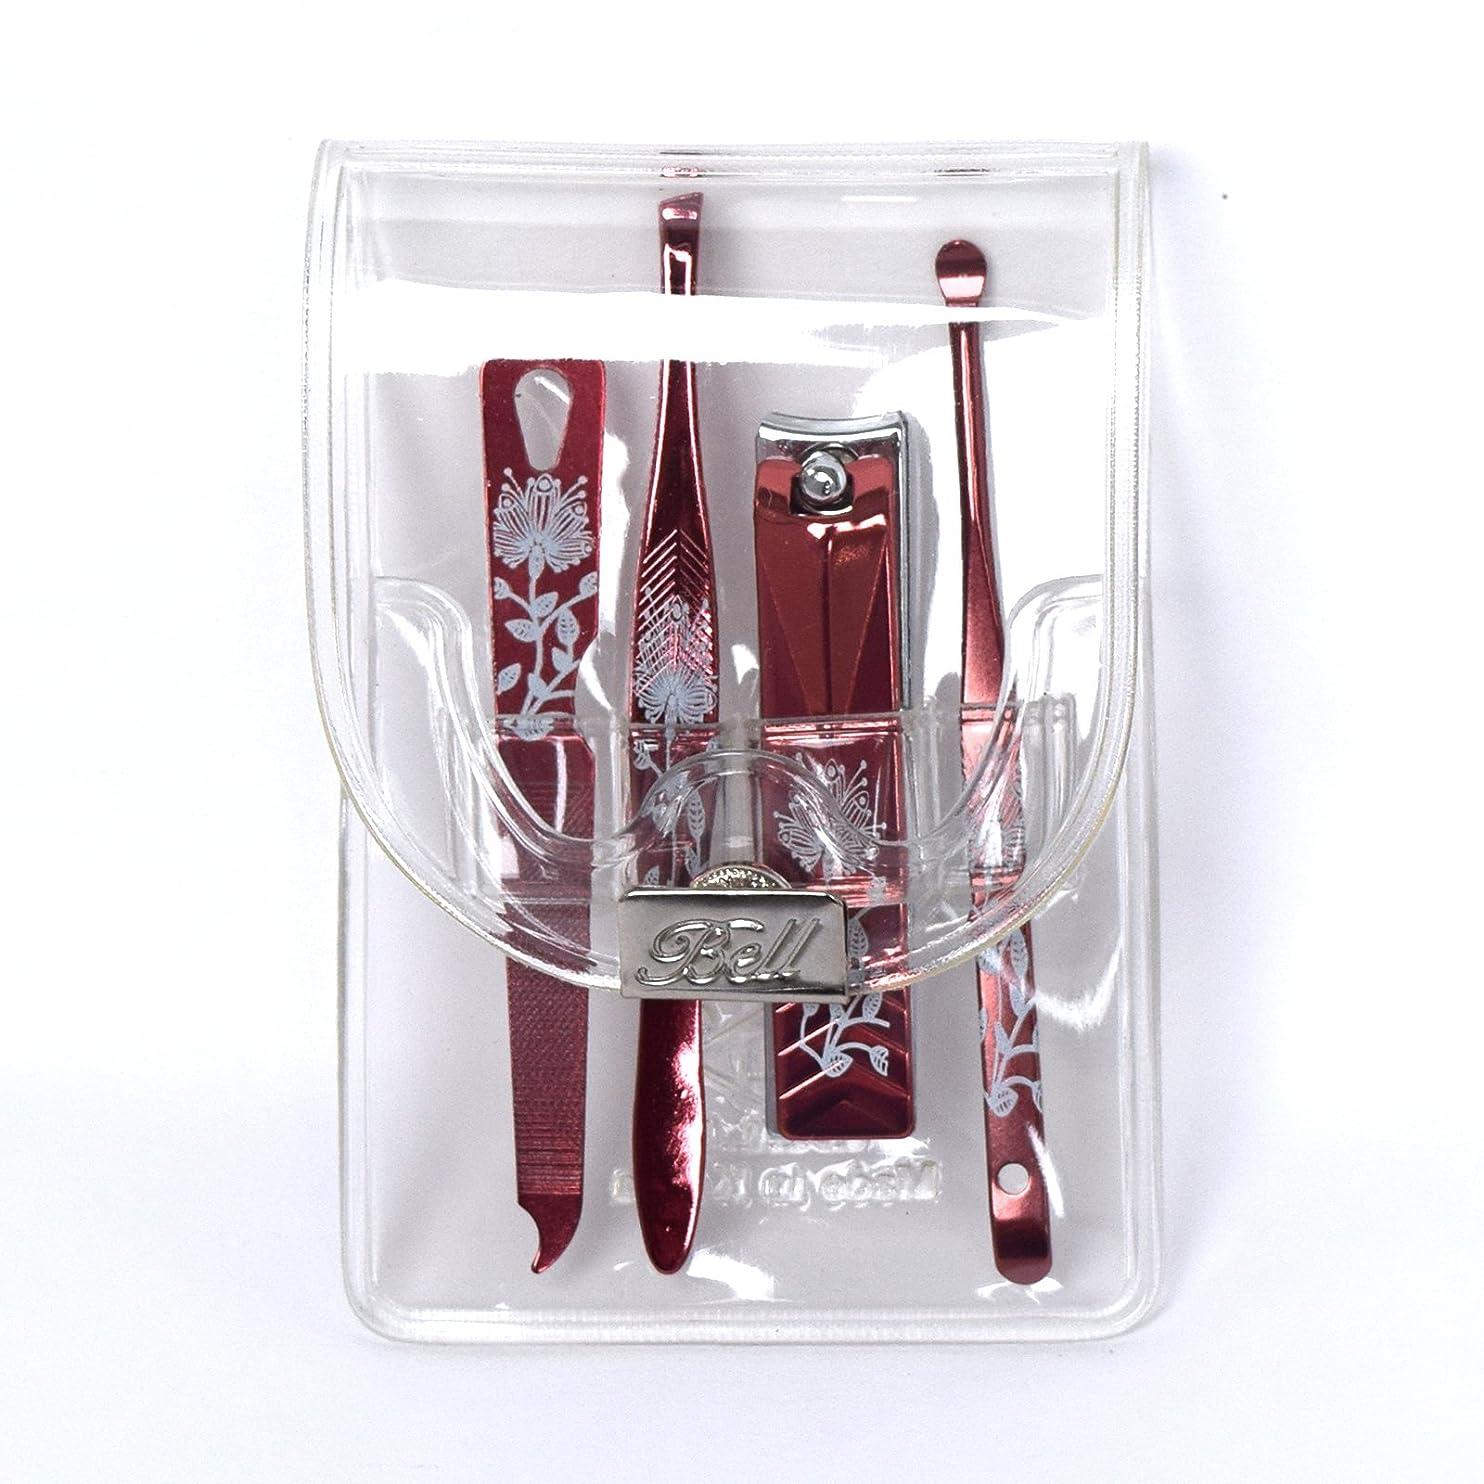 火山の機械的にリサイクルするBELL Manicure Sets BM-991C ポータブル爪ケアセットトラベル爪切りセットステンレス鋼の失速構成透明高周波ケースPortable Nail Clippers Nail Care Set